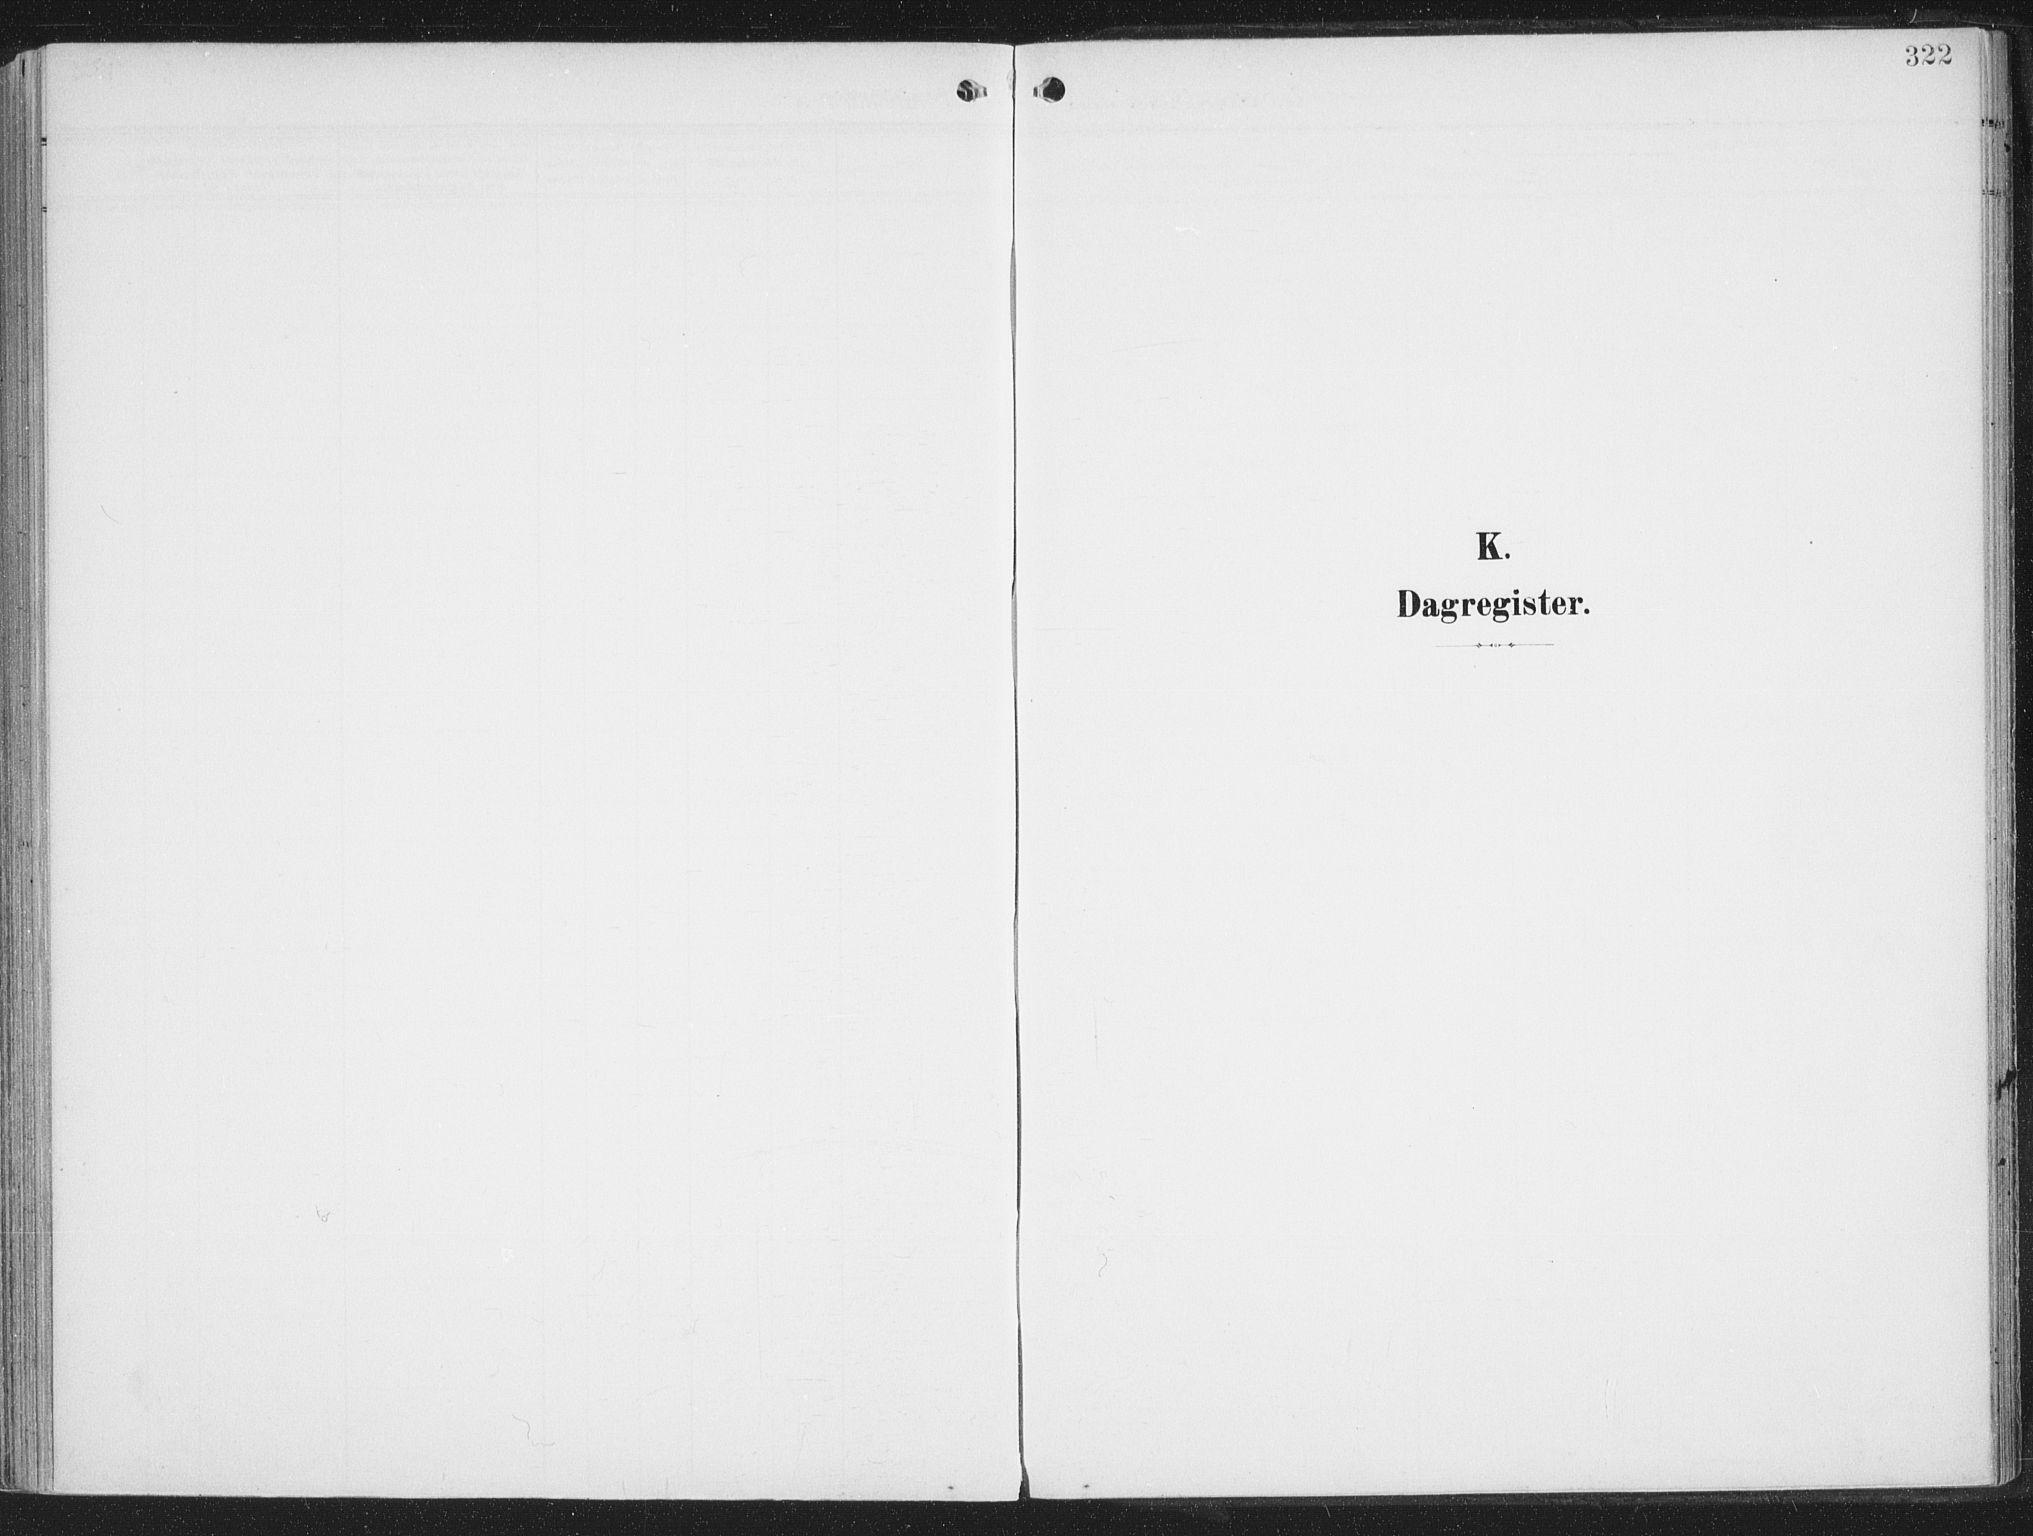 SATØ, Alta sokneprestembete, Ministerialbok nr. 5, 1904-1918, s. 322